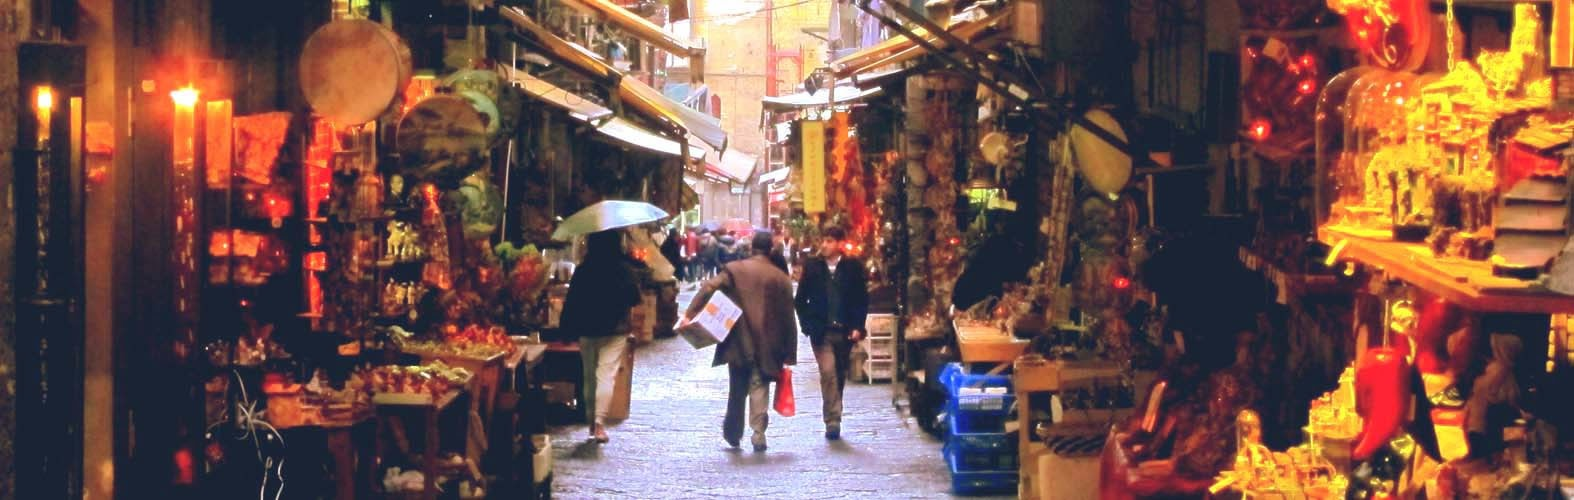 Via San Gregorio Armeno, Nápoles